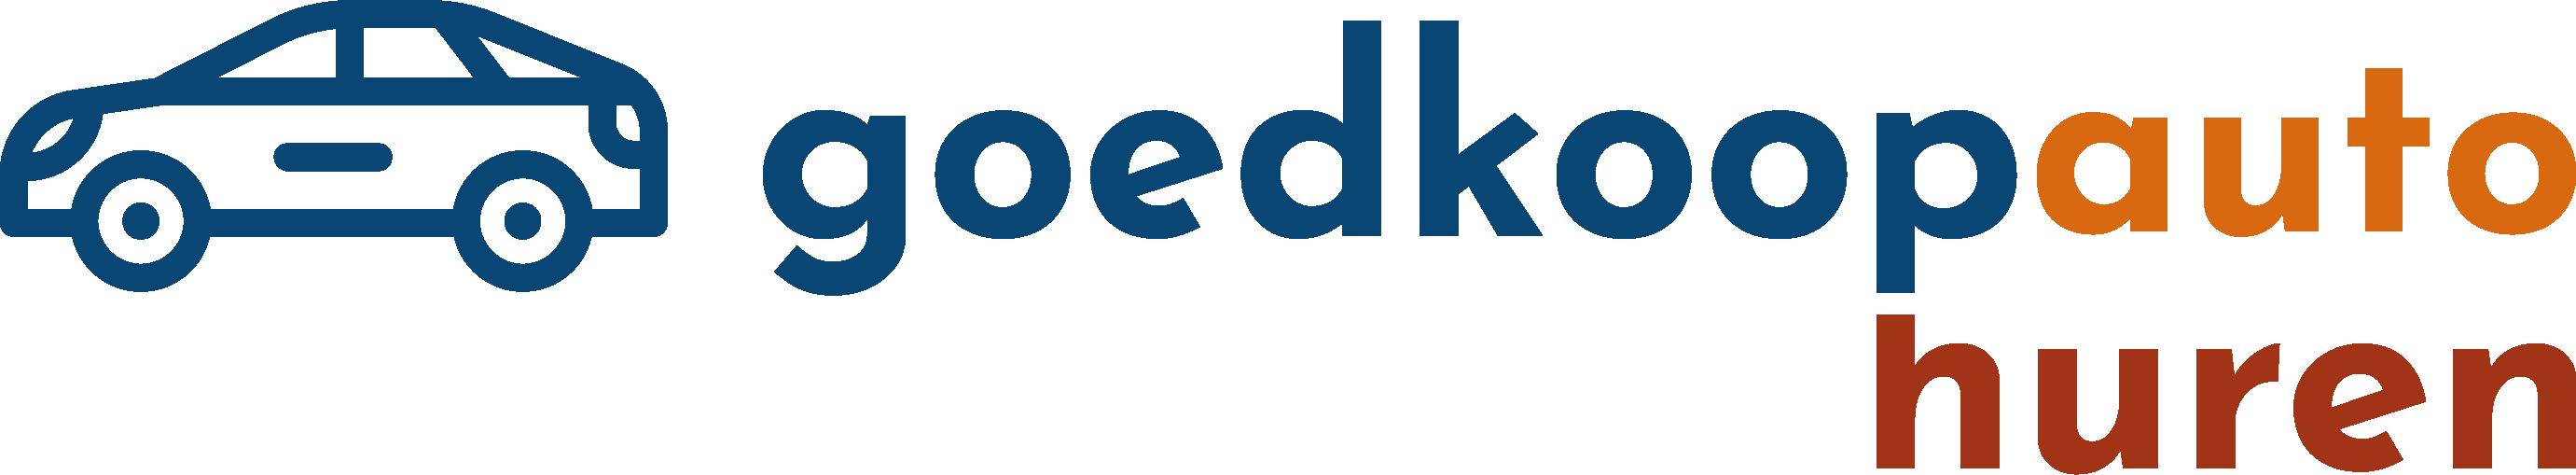 goedkoopautohuren-logo